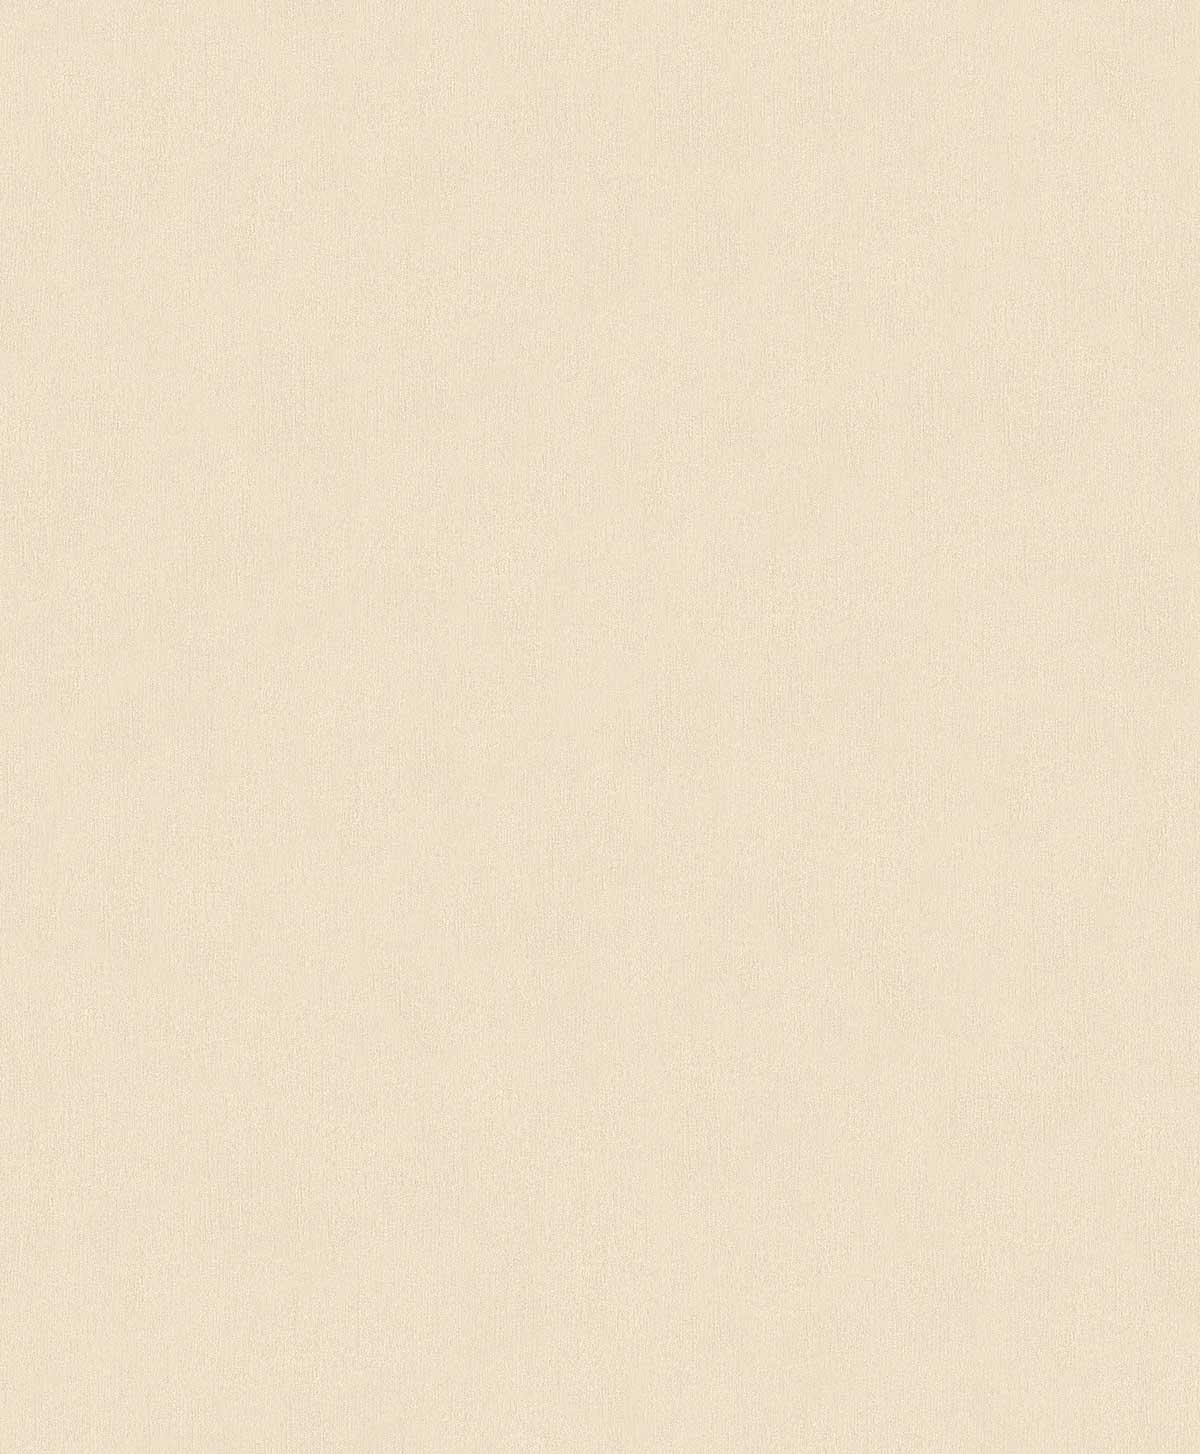 Papier Peint Uni en Intissé (Ecru)